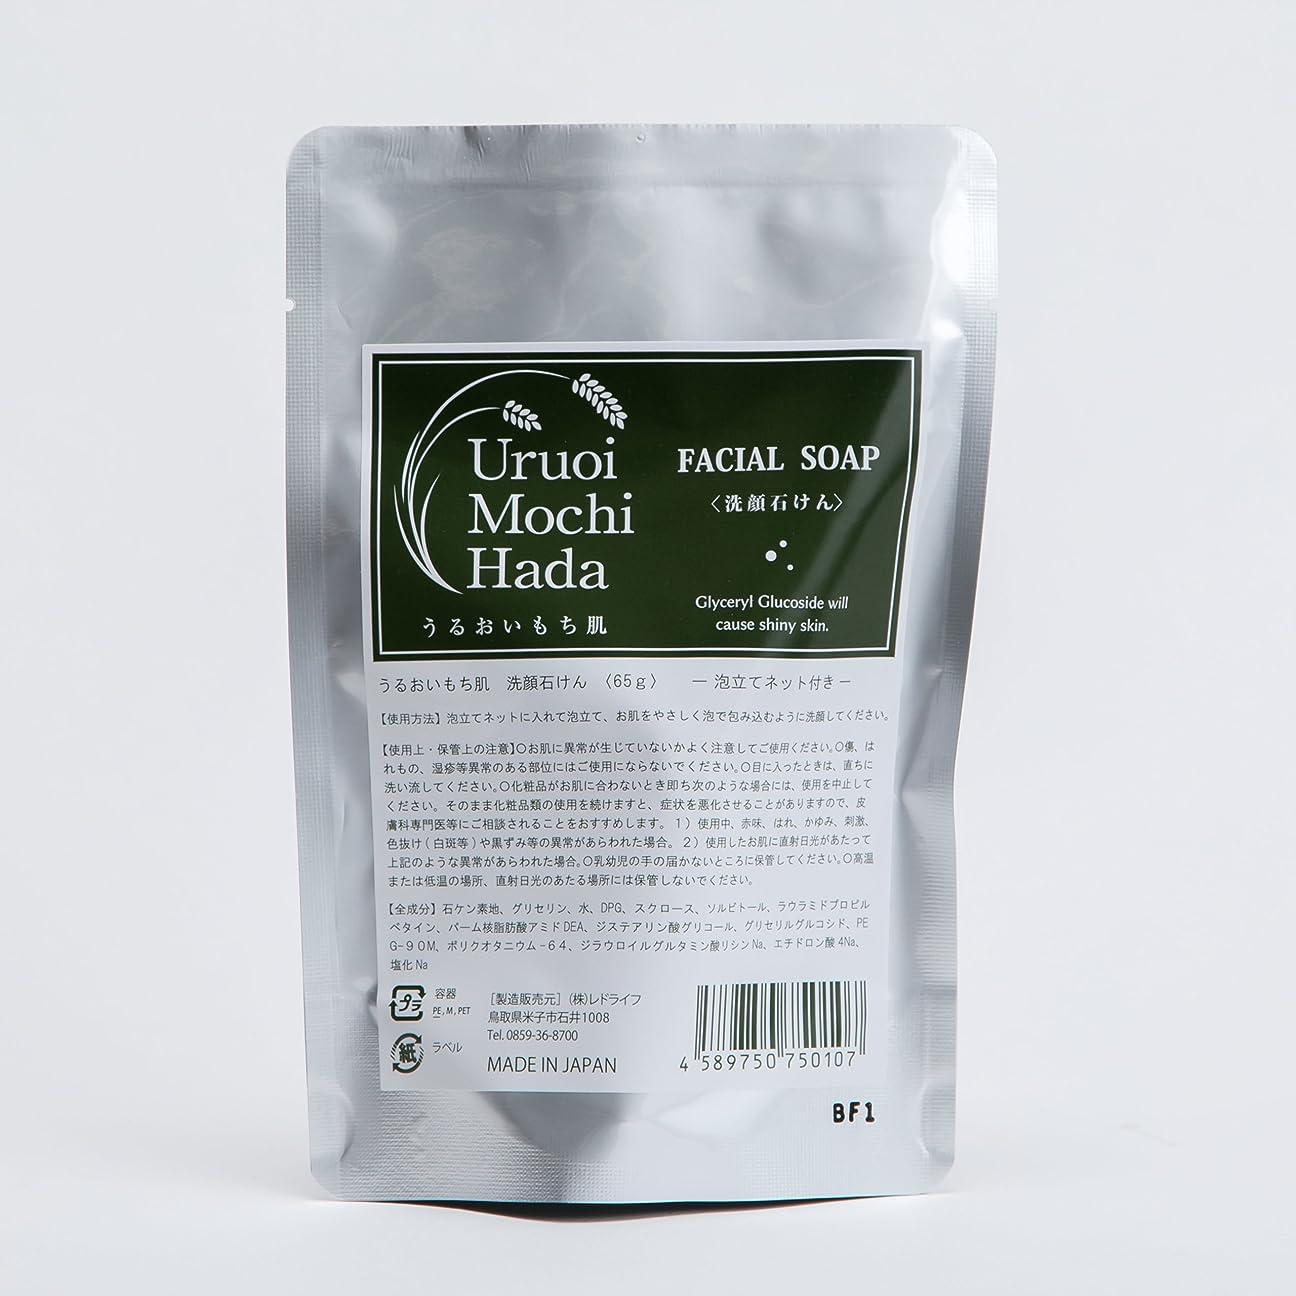 差し迫った複製置換うるおいもち肌 洗顔石けん(泡立てネット付き) 65g 「日本酒保湿成分(グリセリルグルコシド)配合」「4種の天然成分配合:グリセリン、スクロース、ソルビトール、食塩」「無添加:合成香料、合成着色料、鉱物油、シリコン、酸化防止剤、紫外線吸収剤、防腐剤、アルコール」